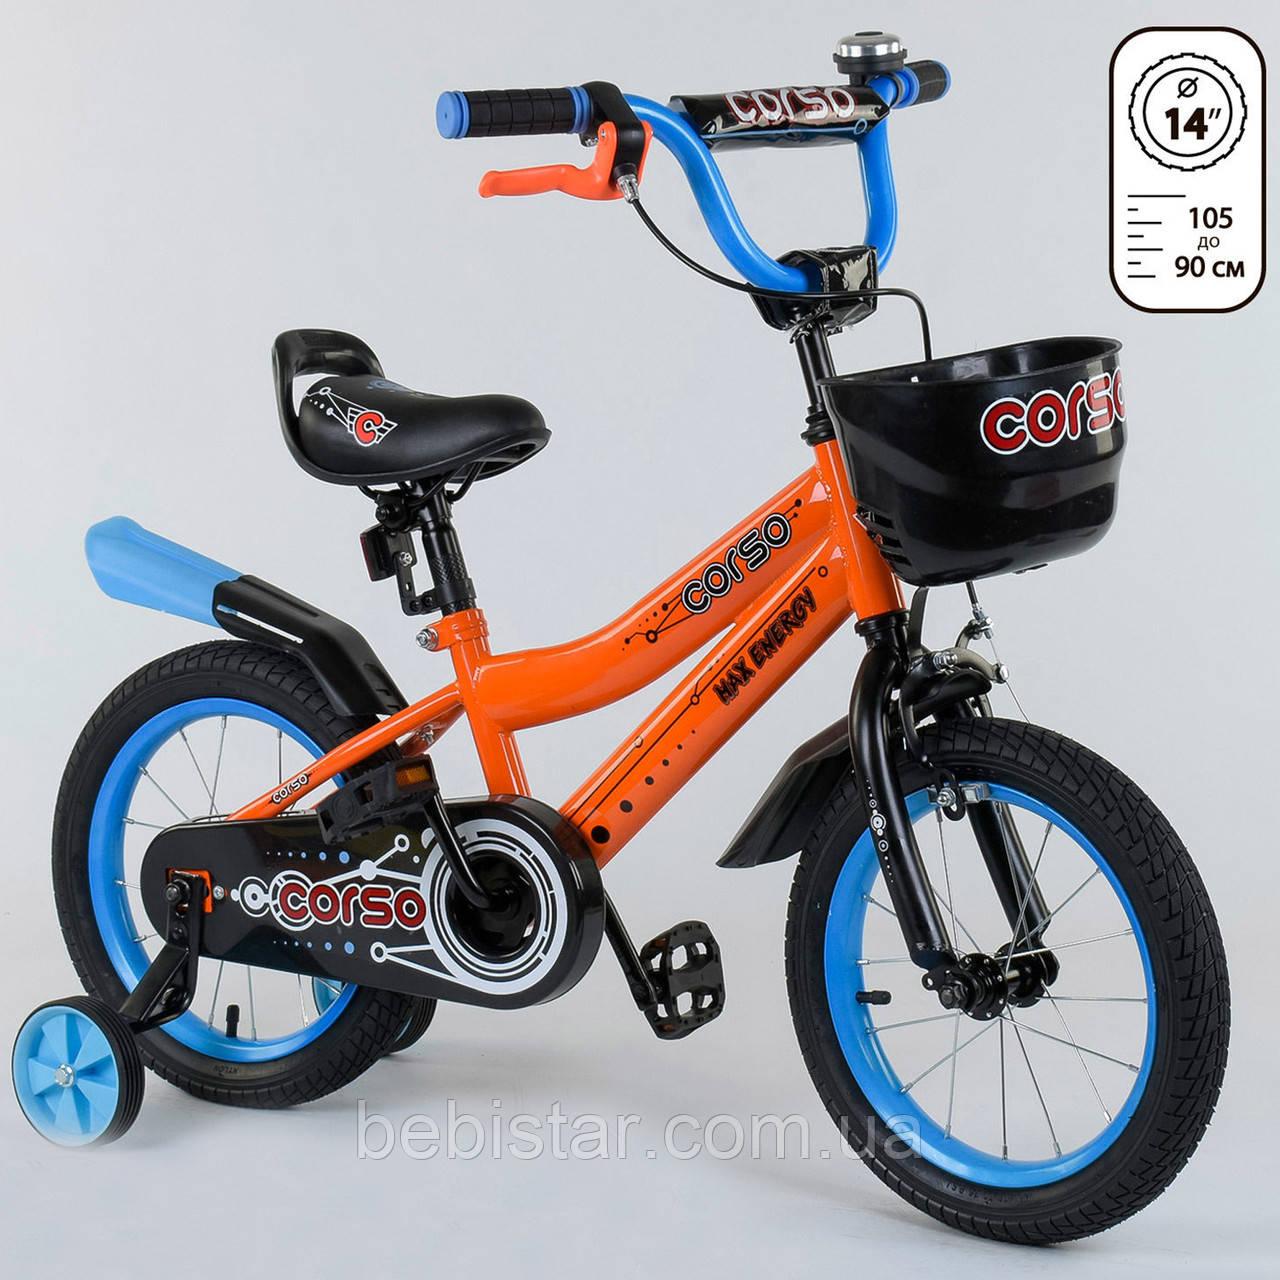 """Двухколесный детский велосипед оранжевый ручной тормоз звоночек корзинка Corso 14"""" деткам 3-5 лет"""